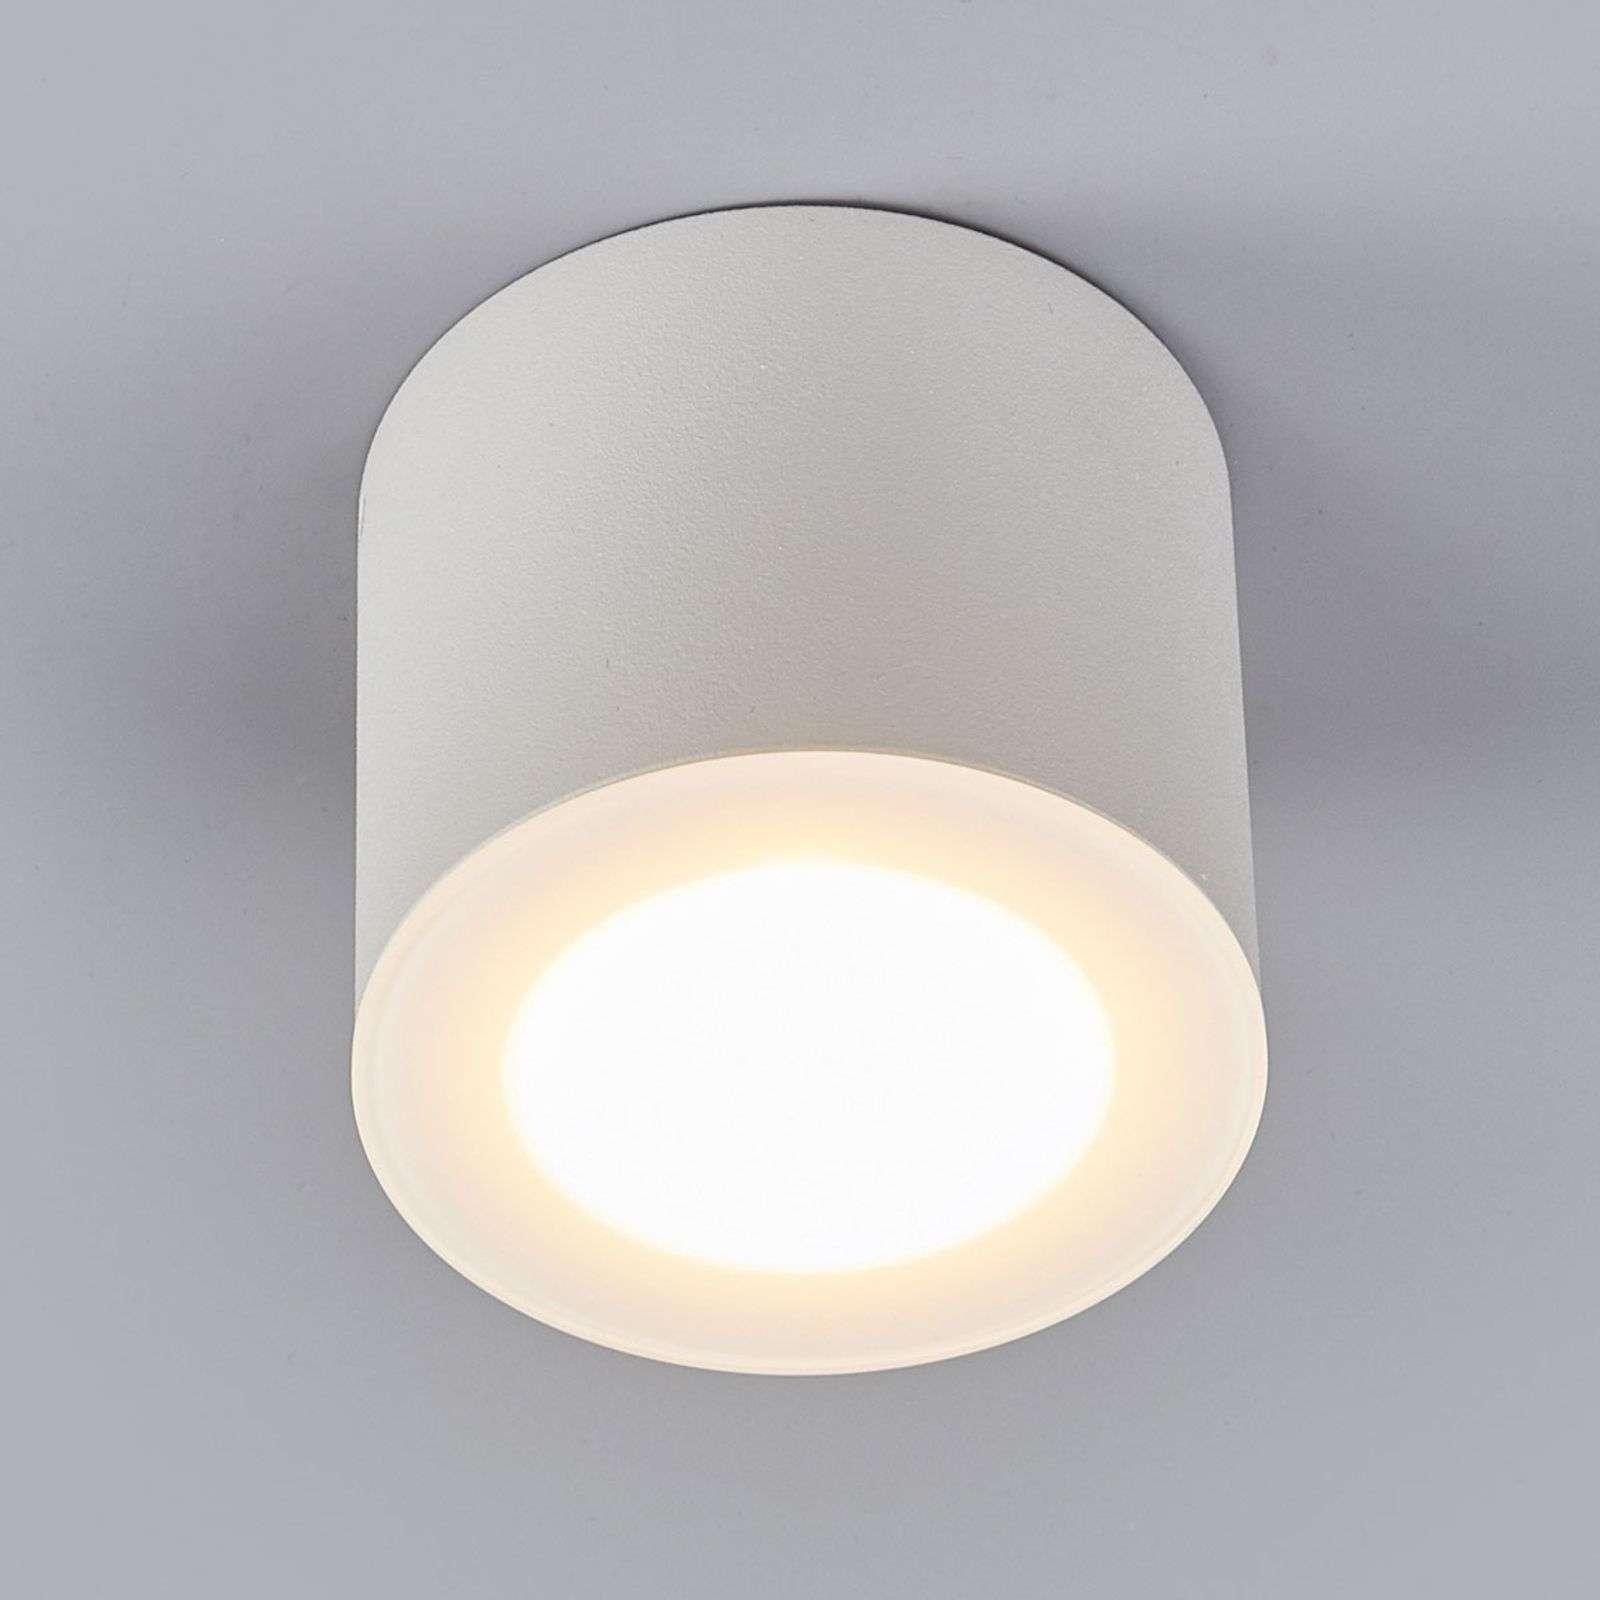 Full Size of Led Wohnzimmerlampe Lampen Wohnzimmer Amazon Rund Wohnzimmerlampen Modern Lampe Mit Fernbedienung Hornbach Deckenleuchte Obi Dimmbar E27 Per Schalter 3 Stufen Wohnzimmer Led Wohnzimmerlampe